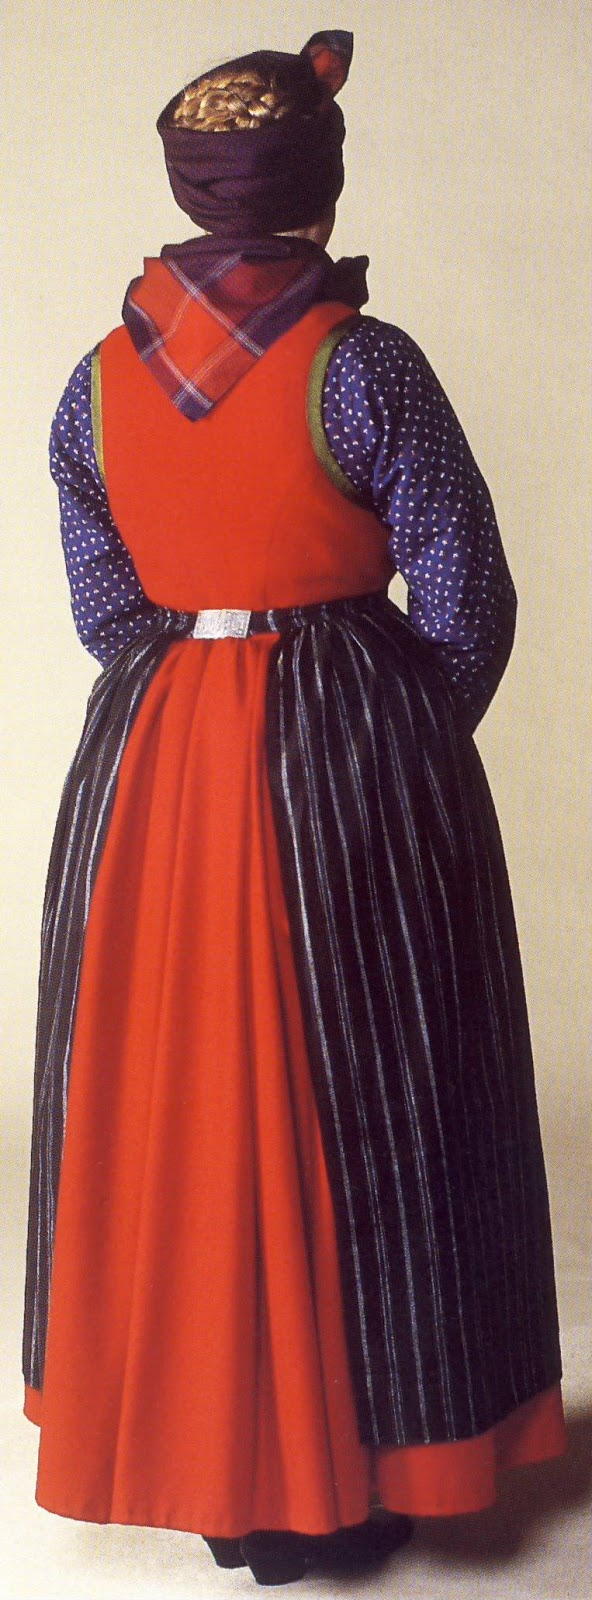 Folkcostume Amp Embroidery Costume Of R 248 M 248 Denmark